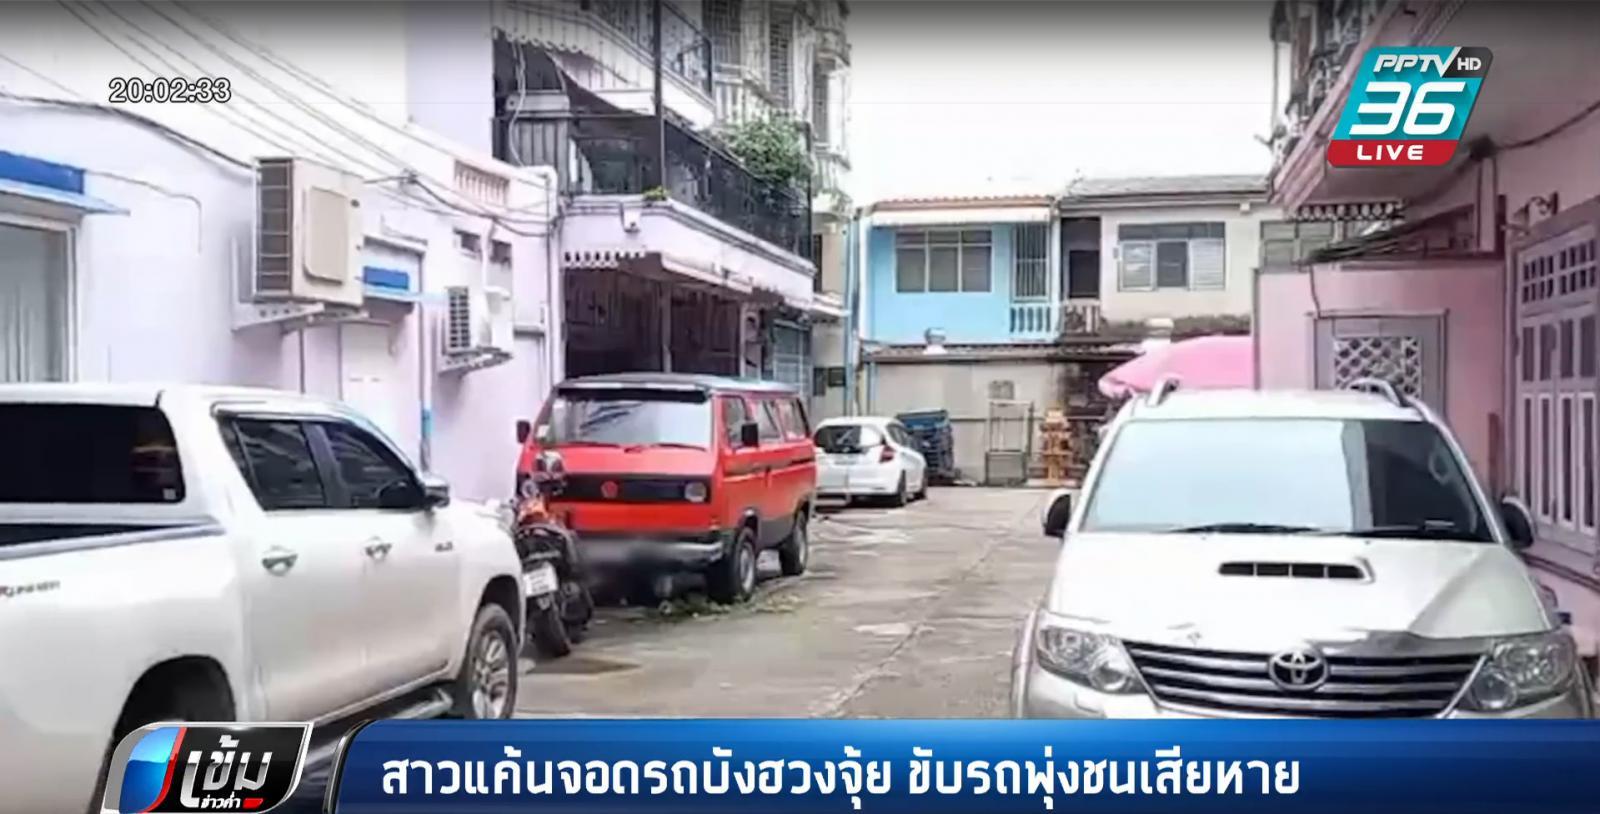 หมอดูทัก! ช่างเสริมสวย ฉุนรถเจ้าของบ้านเช่าจอดบังฮวงจุ้ย ขับพุ่งชนพังยับ 2 คัน